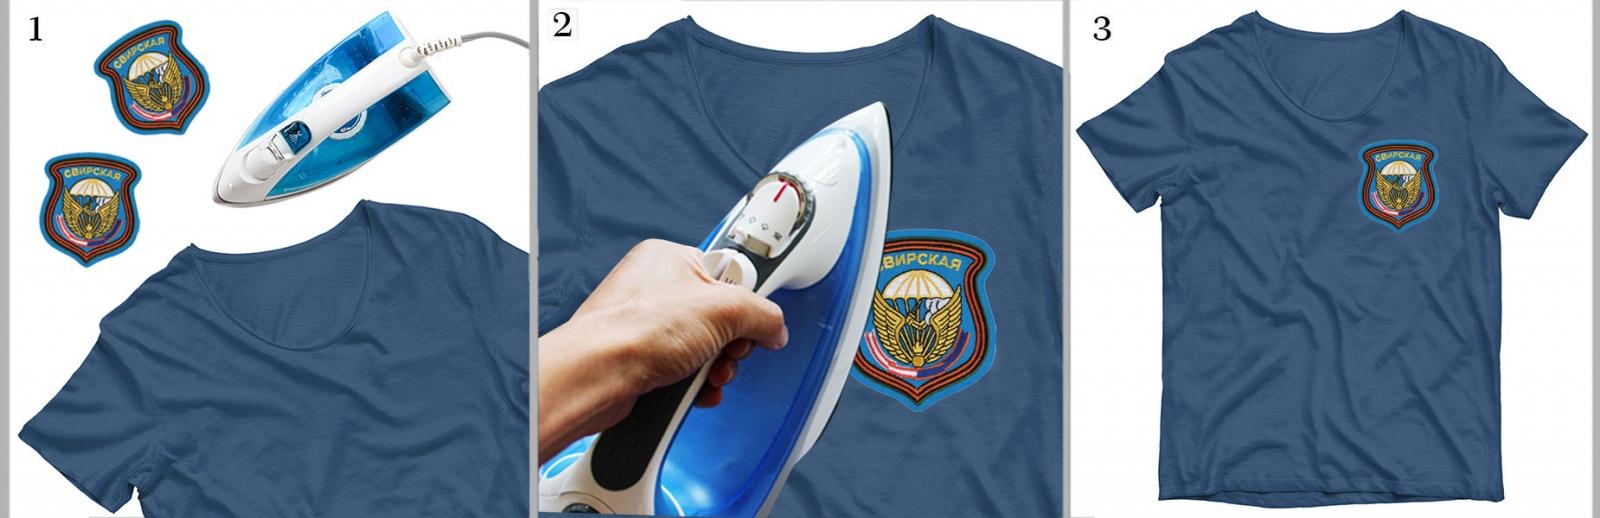 Нашивка ВДВ «98 Свирская дивизия» на футболке